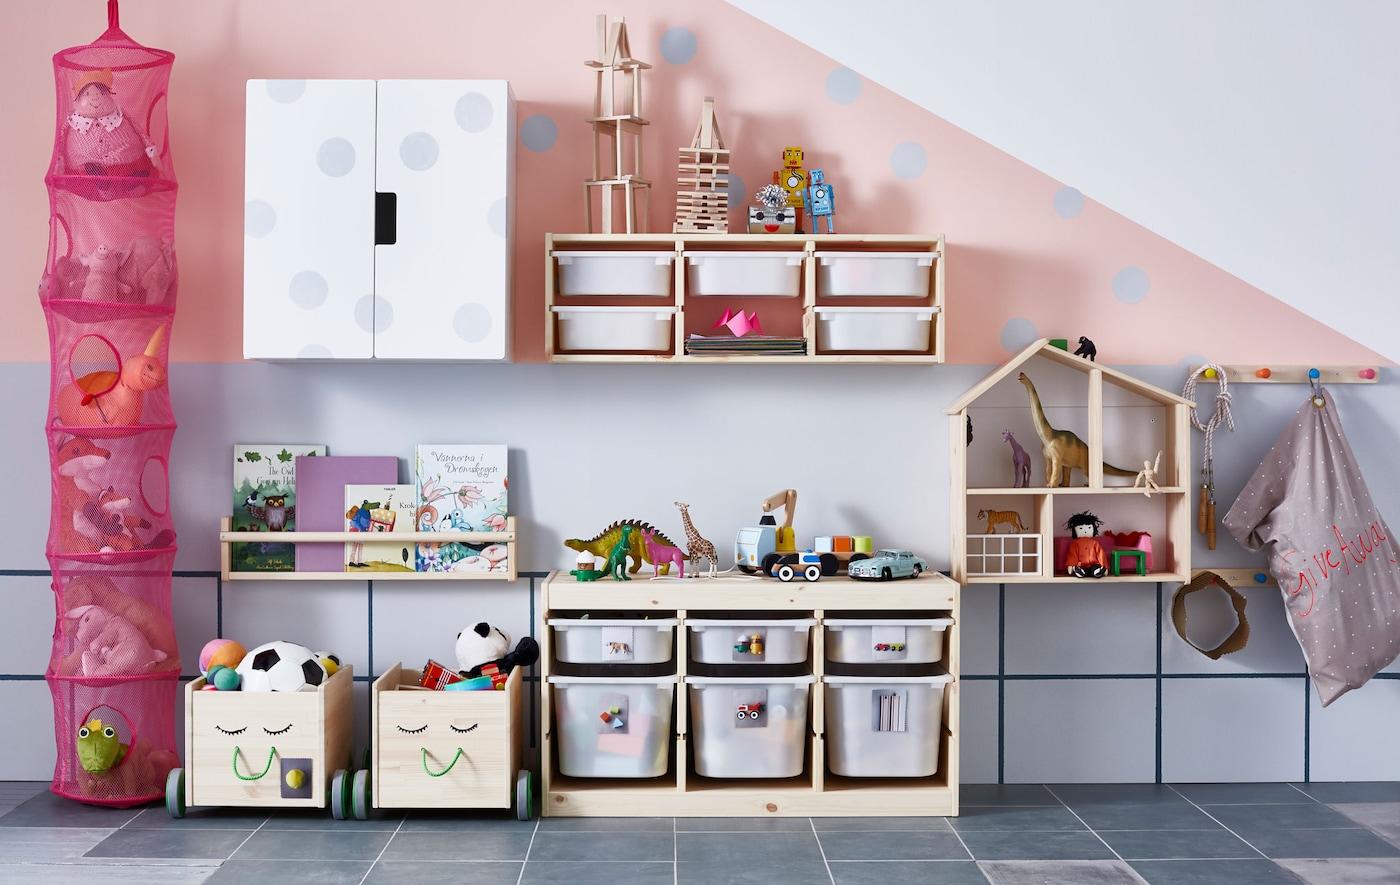 Praktische Spielzeugaufbewahrung aus Holz an der Wand eines grau-rosanen Kinderzimmers